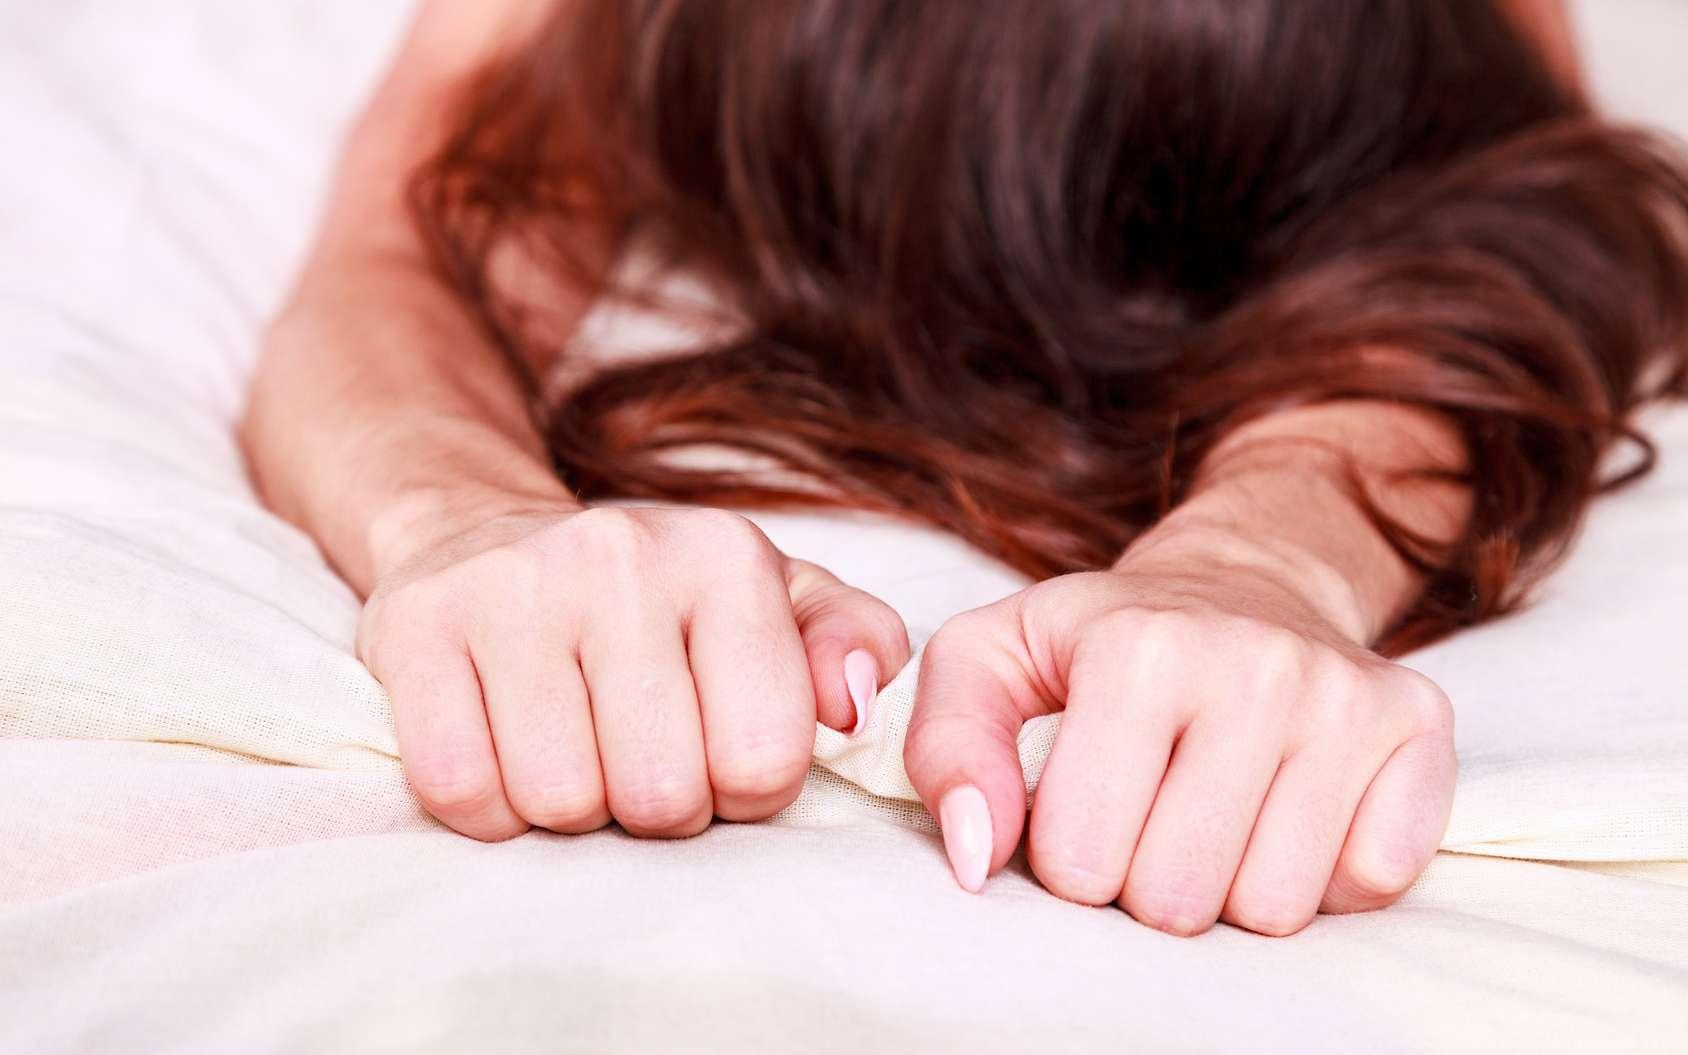 Pour atteindre l'orgasme vaginal, il faut stimuler le point G. © Nobilior, fotolia